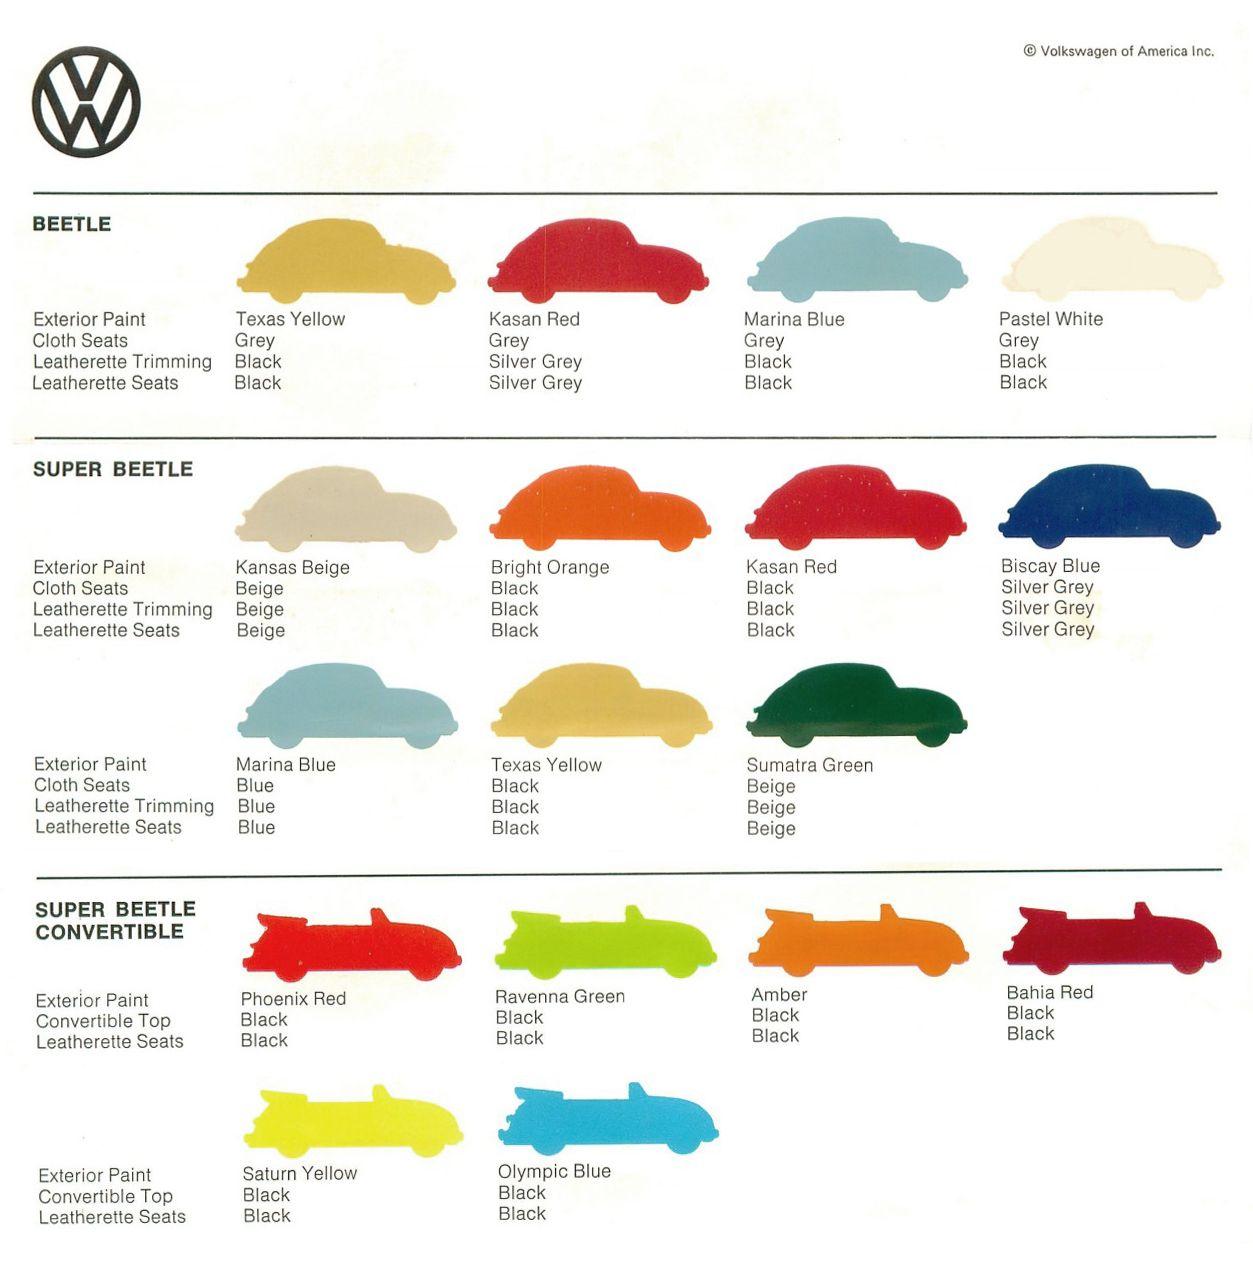 vw beetle color sheet 1973 volkswagen of america via thesamba [ 1253 x 1285 Pixel ]